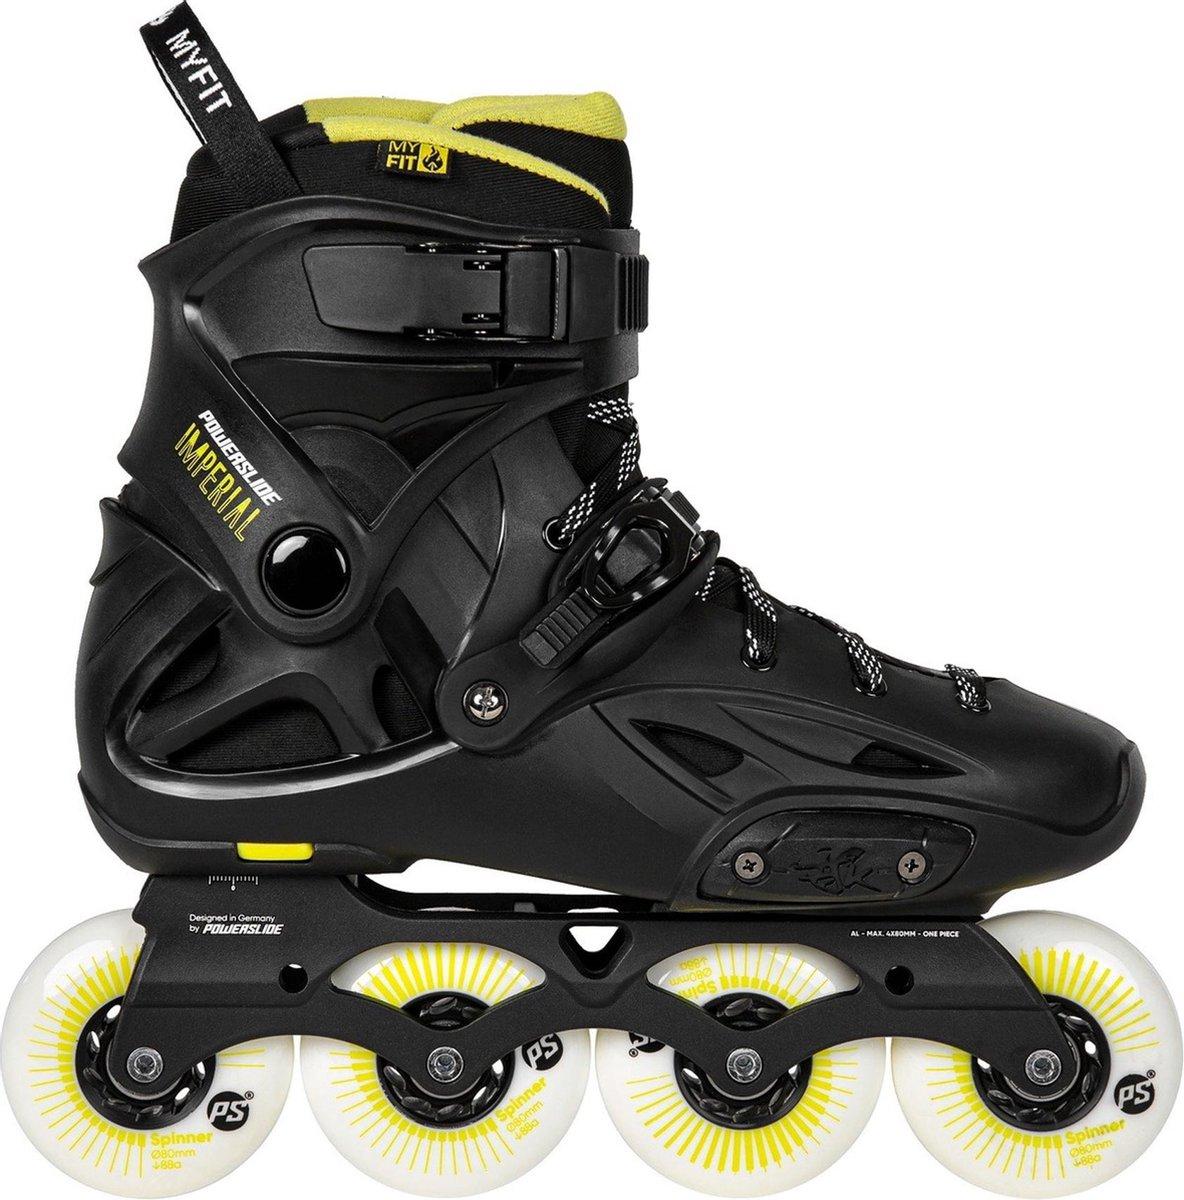 Powerslide Urban Imperial Skates Inlineskates - Maat 39/40 - Unisex - zwart/geel